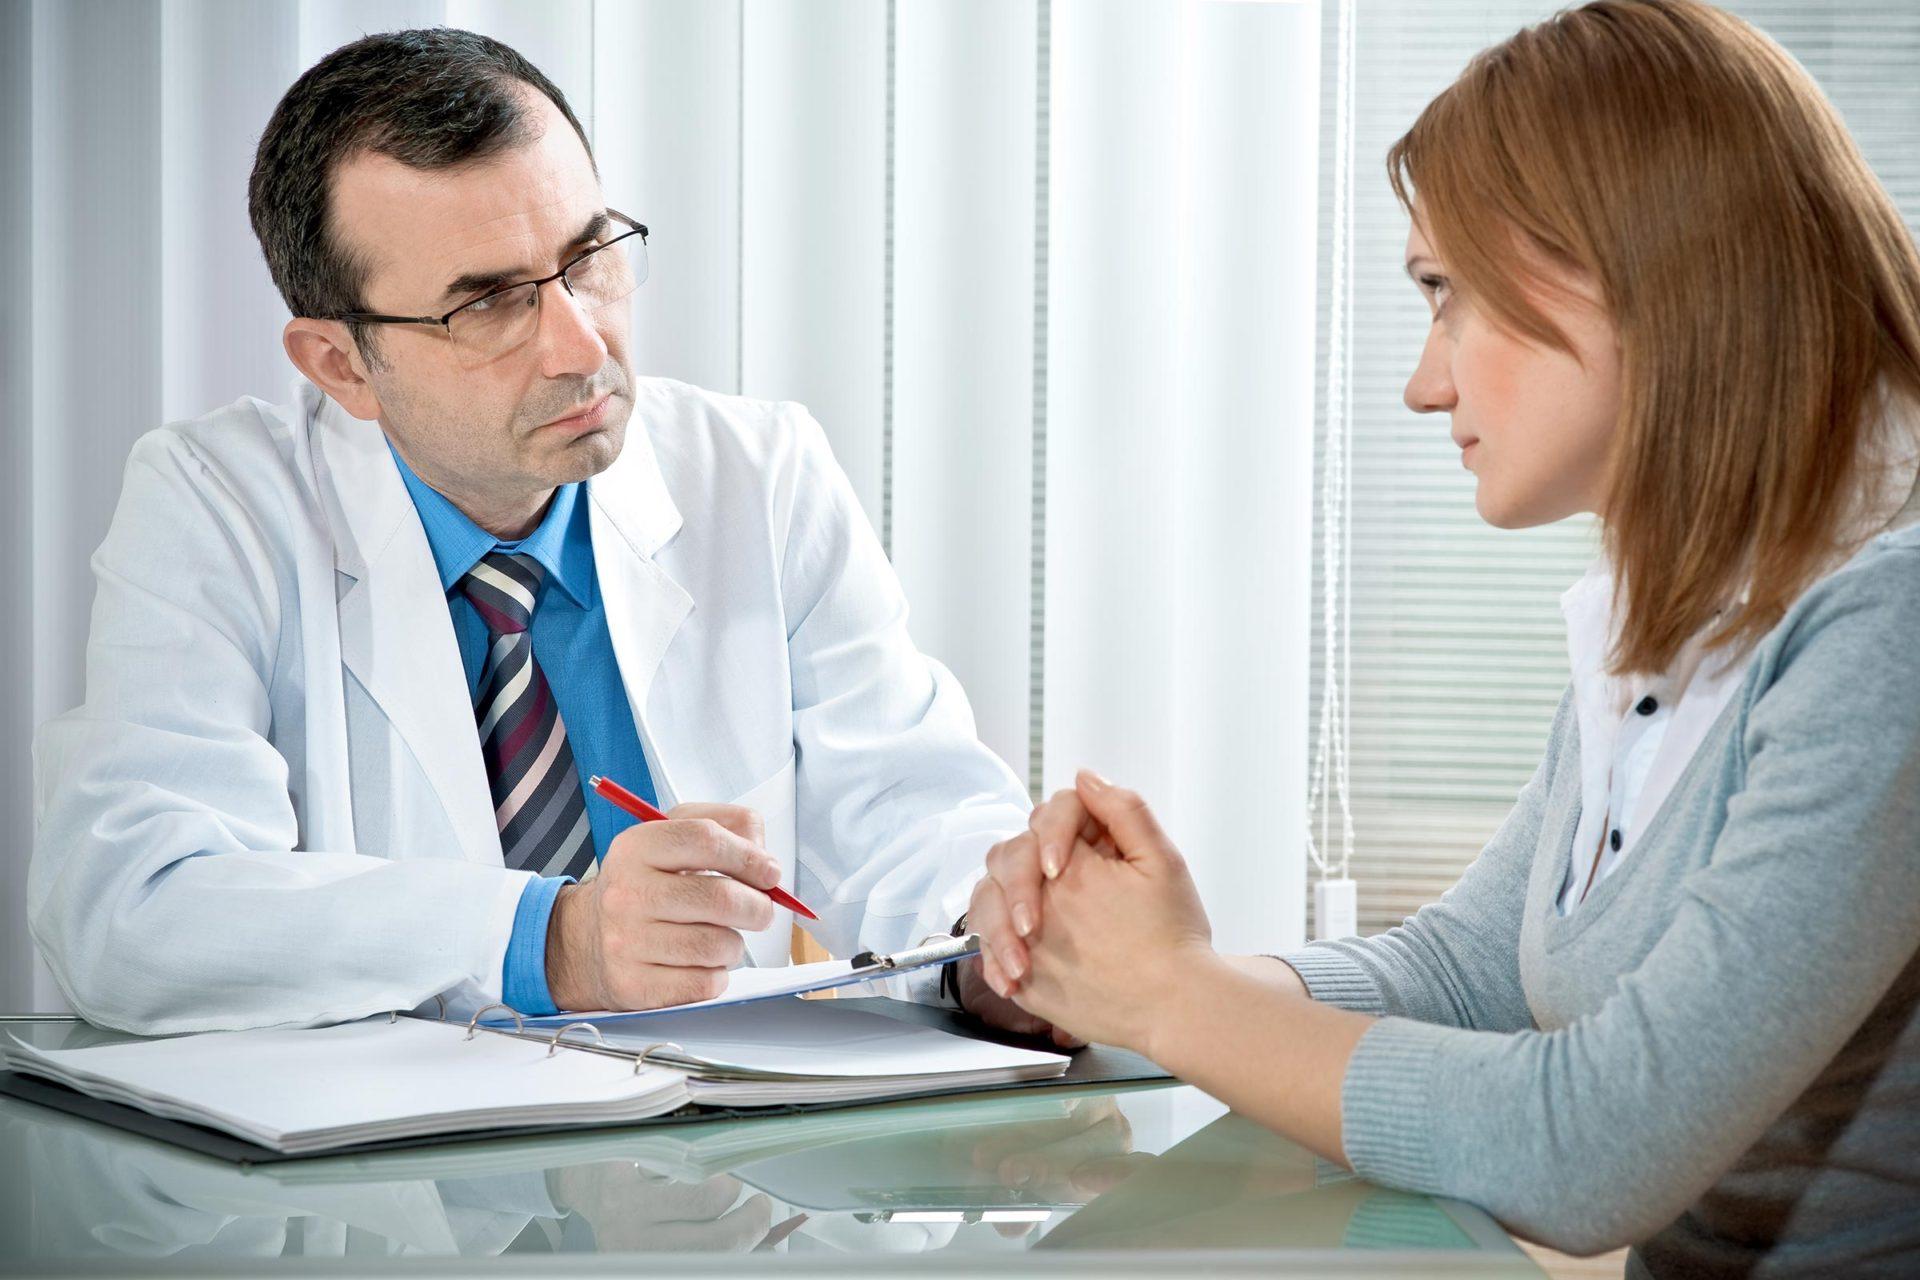 диагностика шизофрении, консультация психиатра